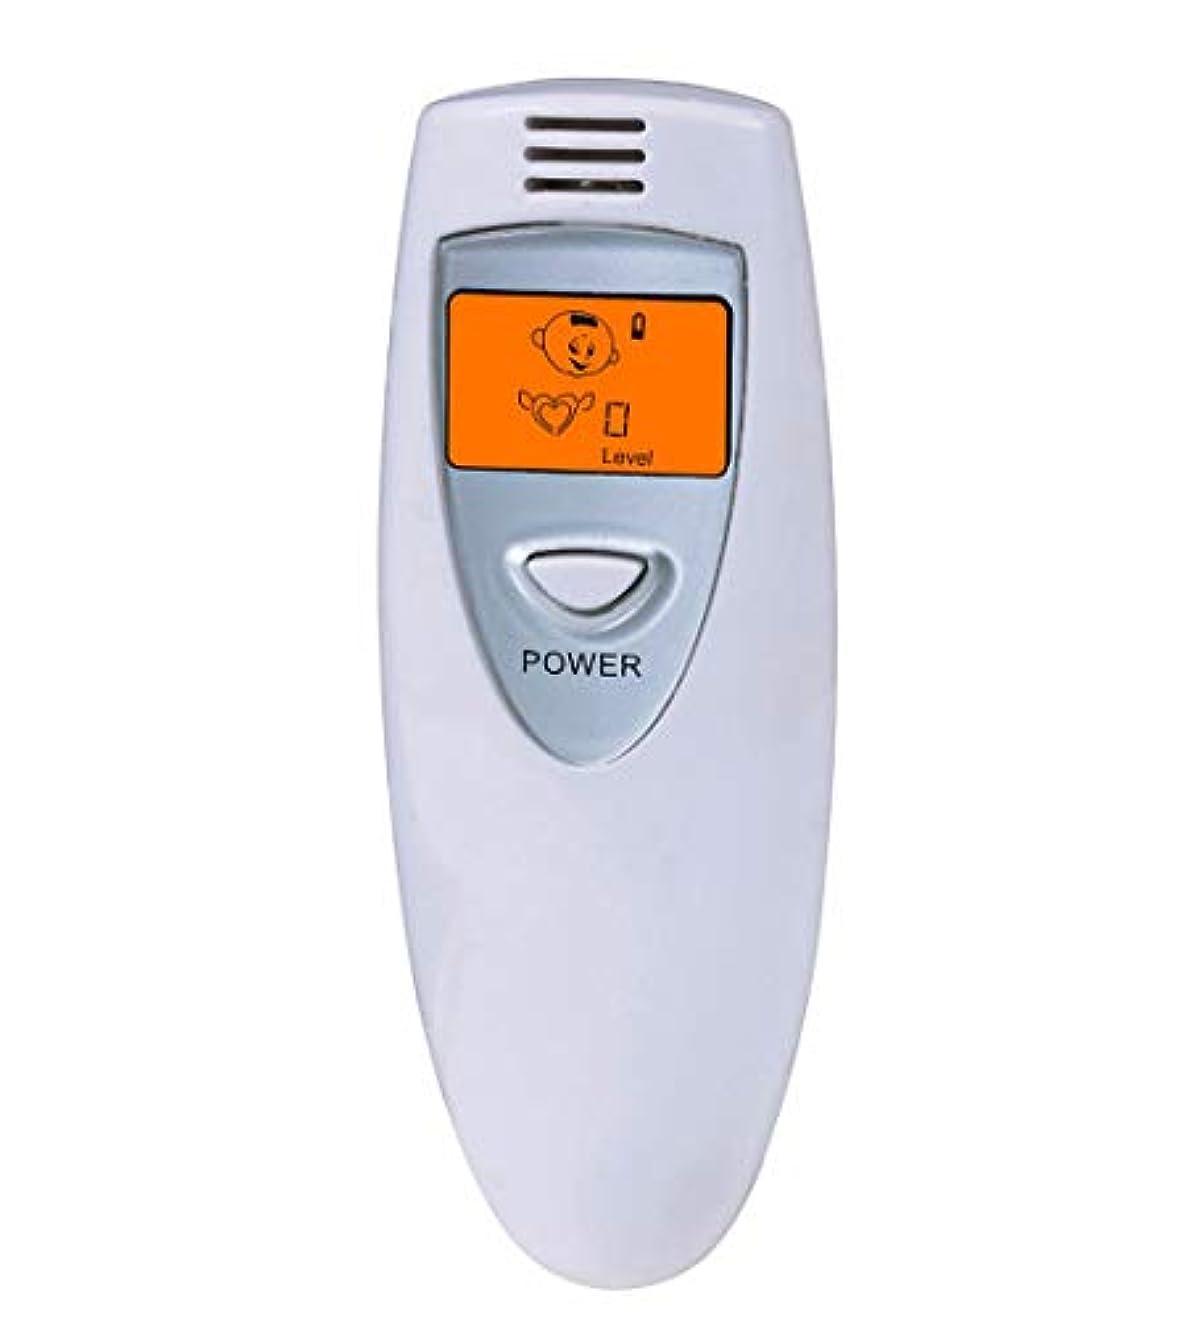 宇宙撤退複製【瞬時測定】 携帯ブレスチェッカー デジタル口臭チェッカー 5段階レベル表示 コンパークト口臭予防検査器 大人子供エチケット (Grey)